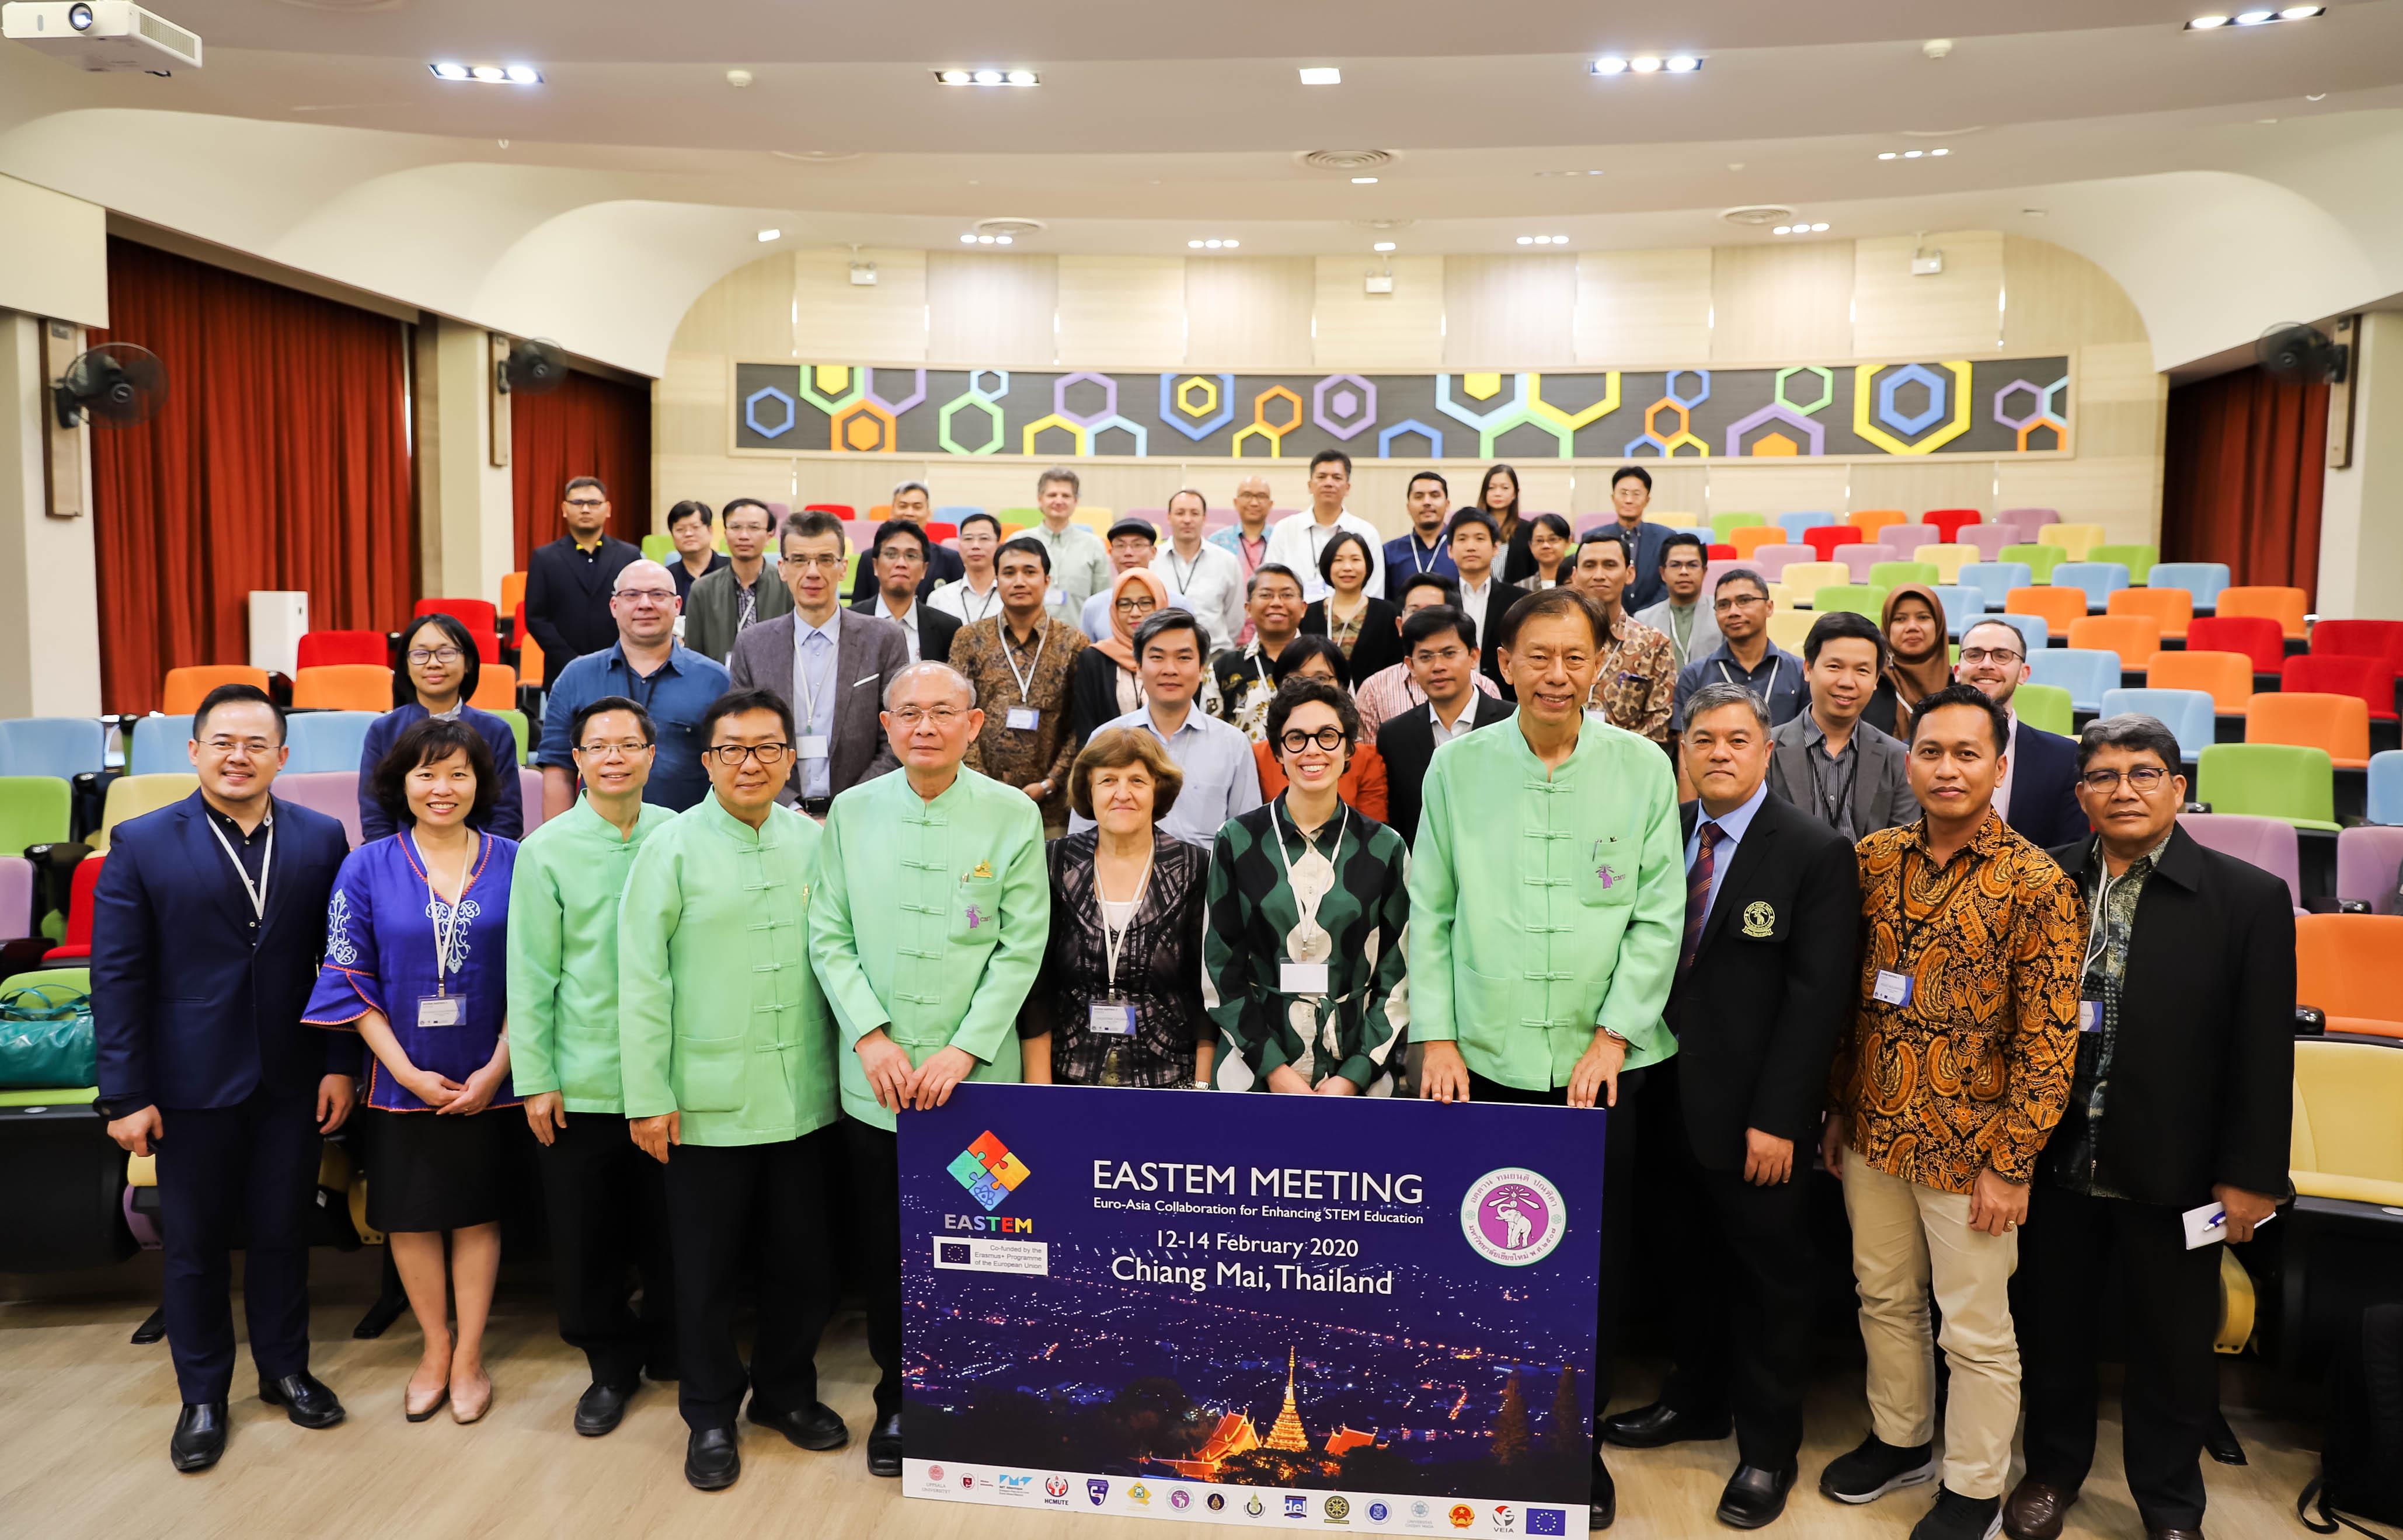 คณะวิทยาศาสตร์ร่วมเป็นเจ้าภาพจัดงานประชุมวิชาการนานาชาติ EASTEM 2020